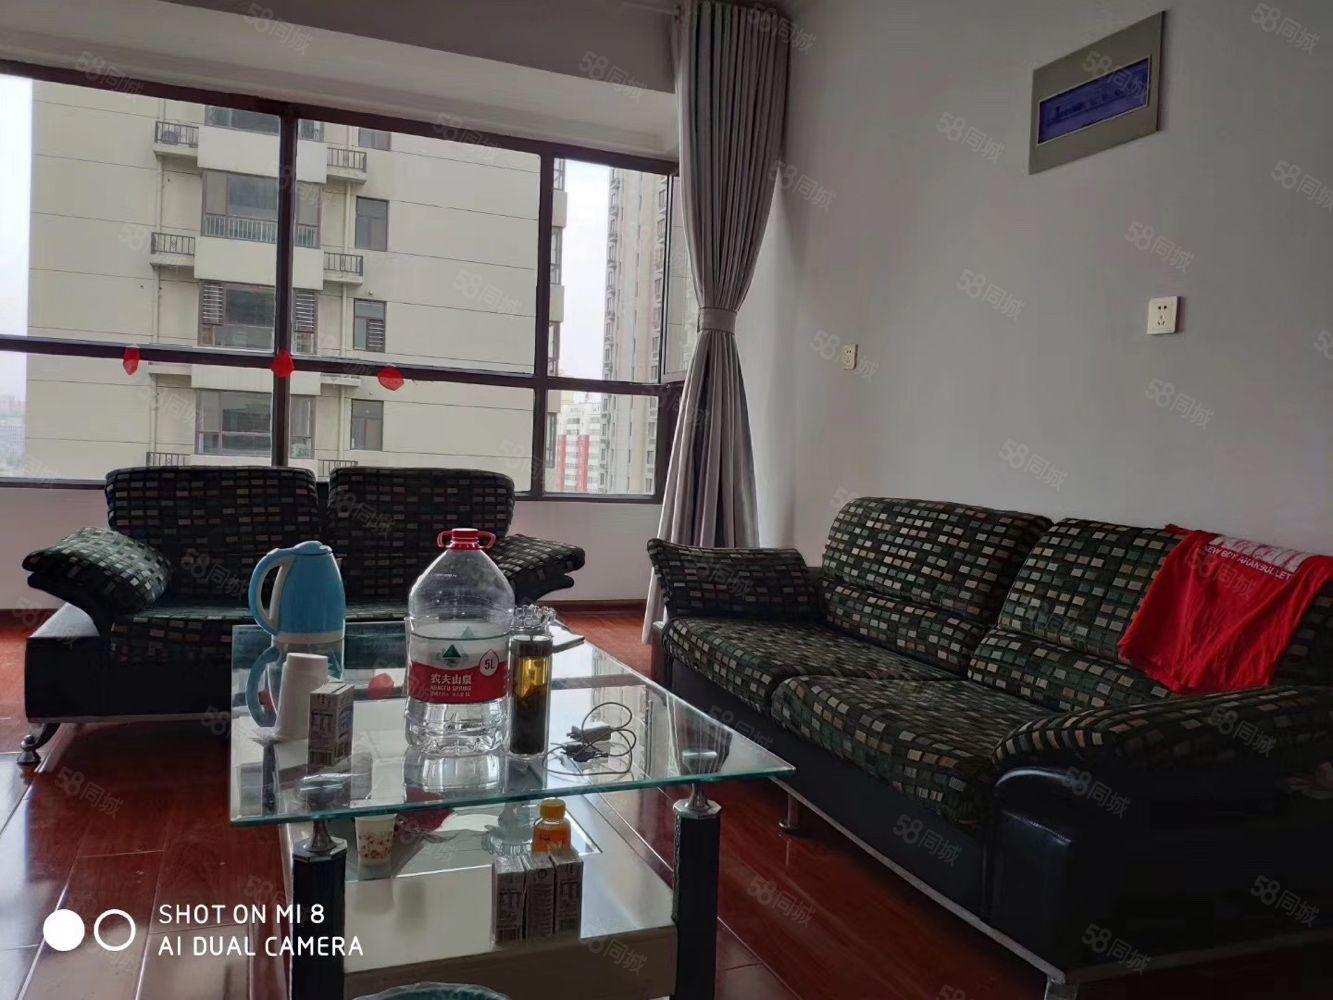 紫云国际,三室二厅,电梯中层,拎包入住,新装首次出租